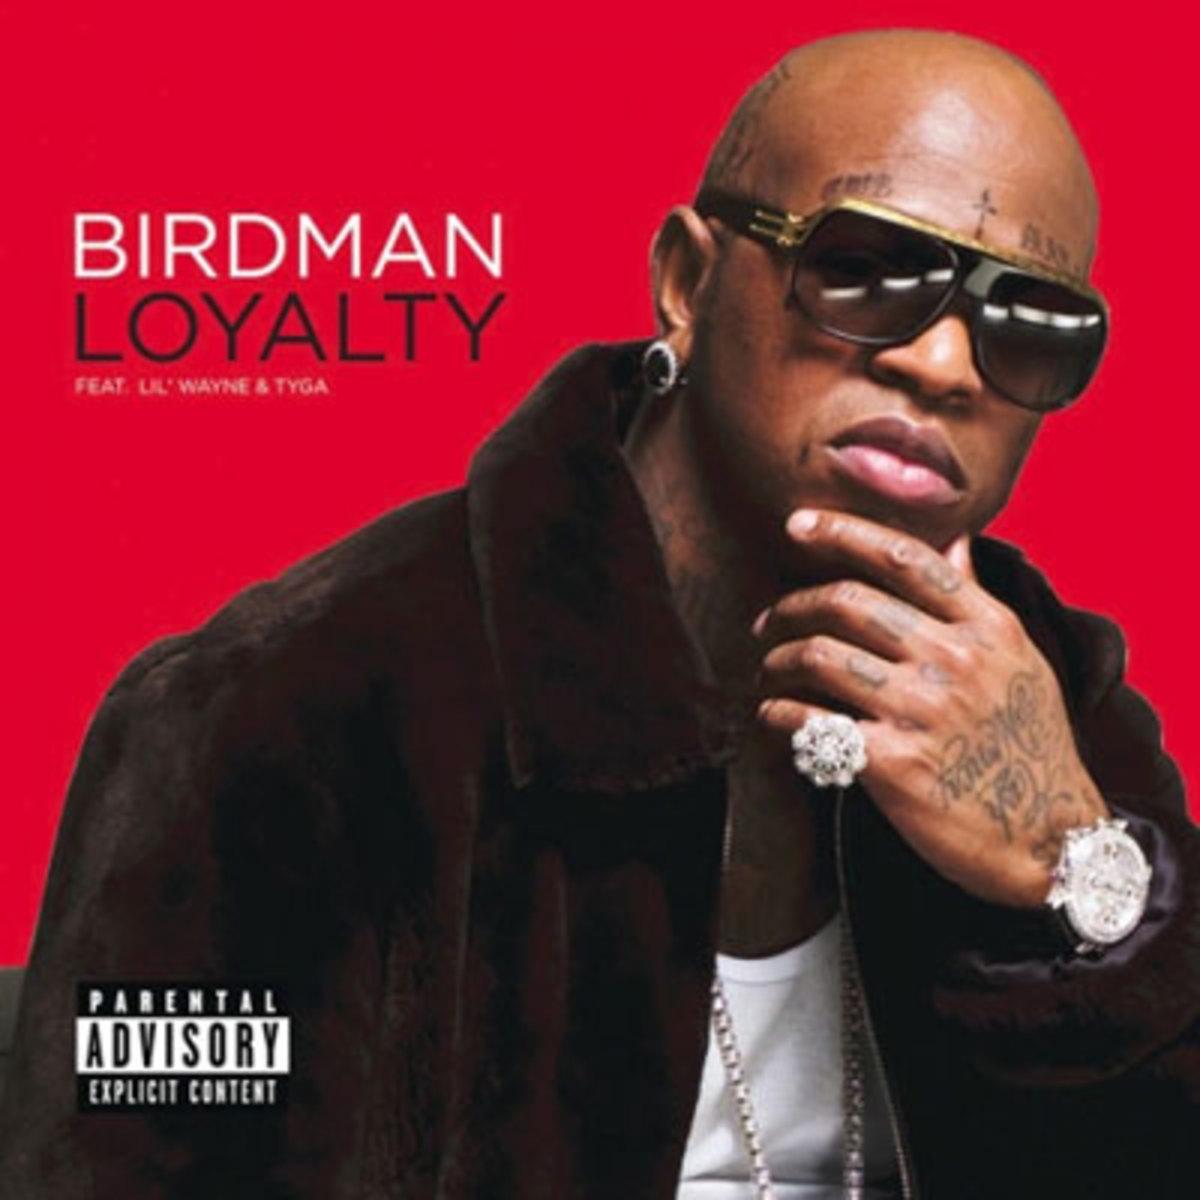 birdman-loyalty.jpg